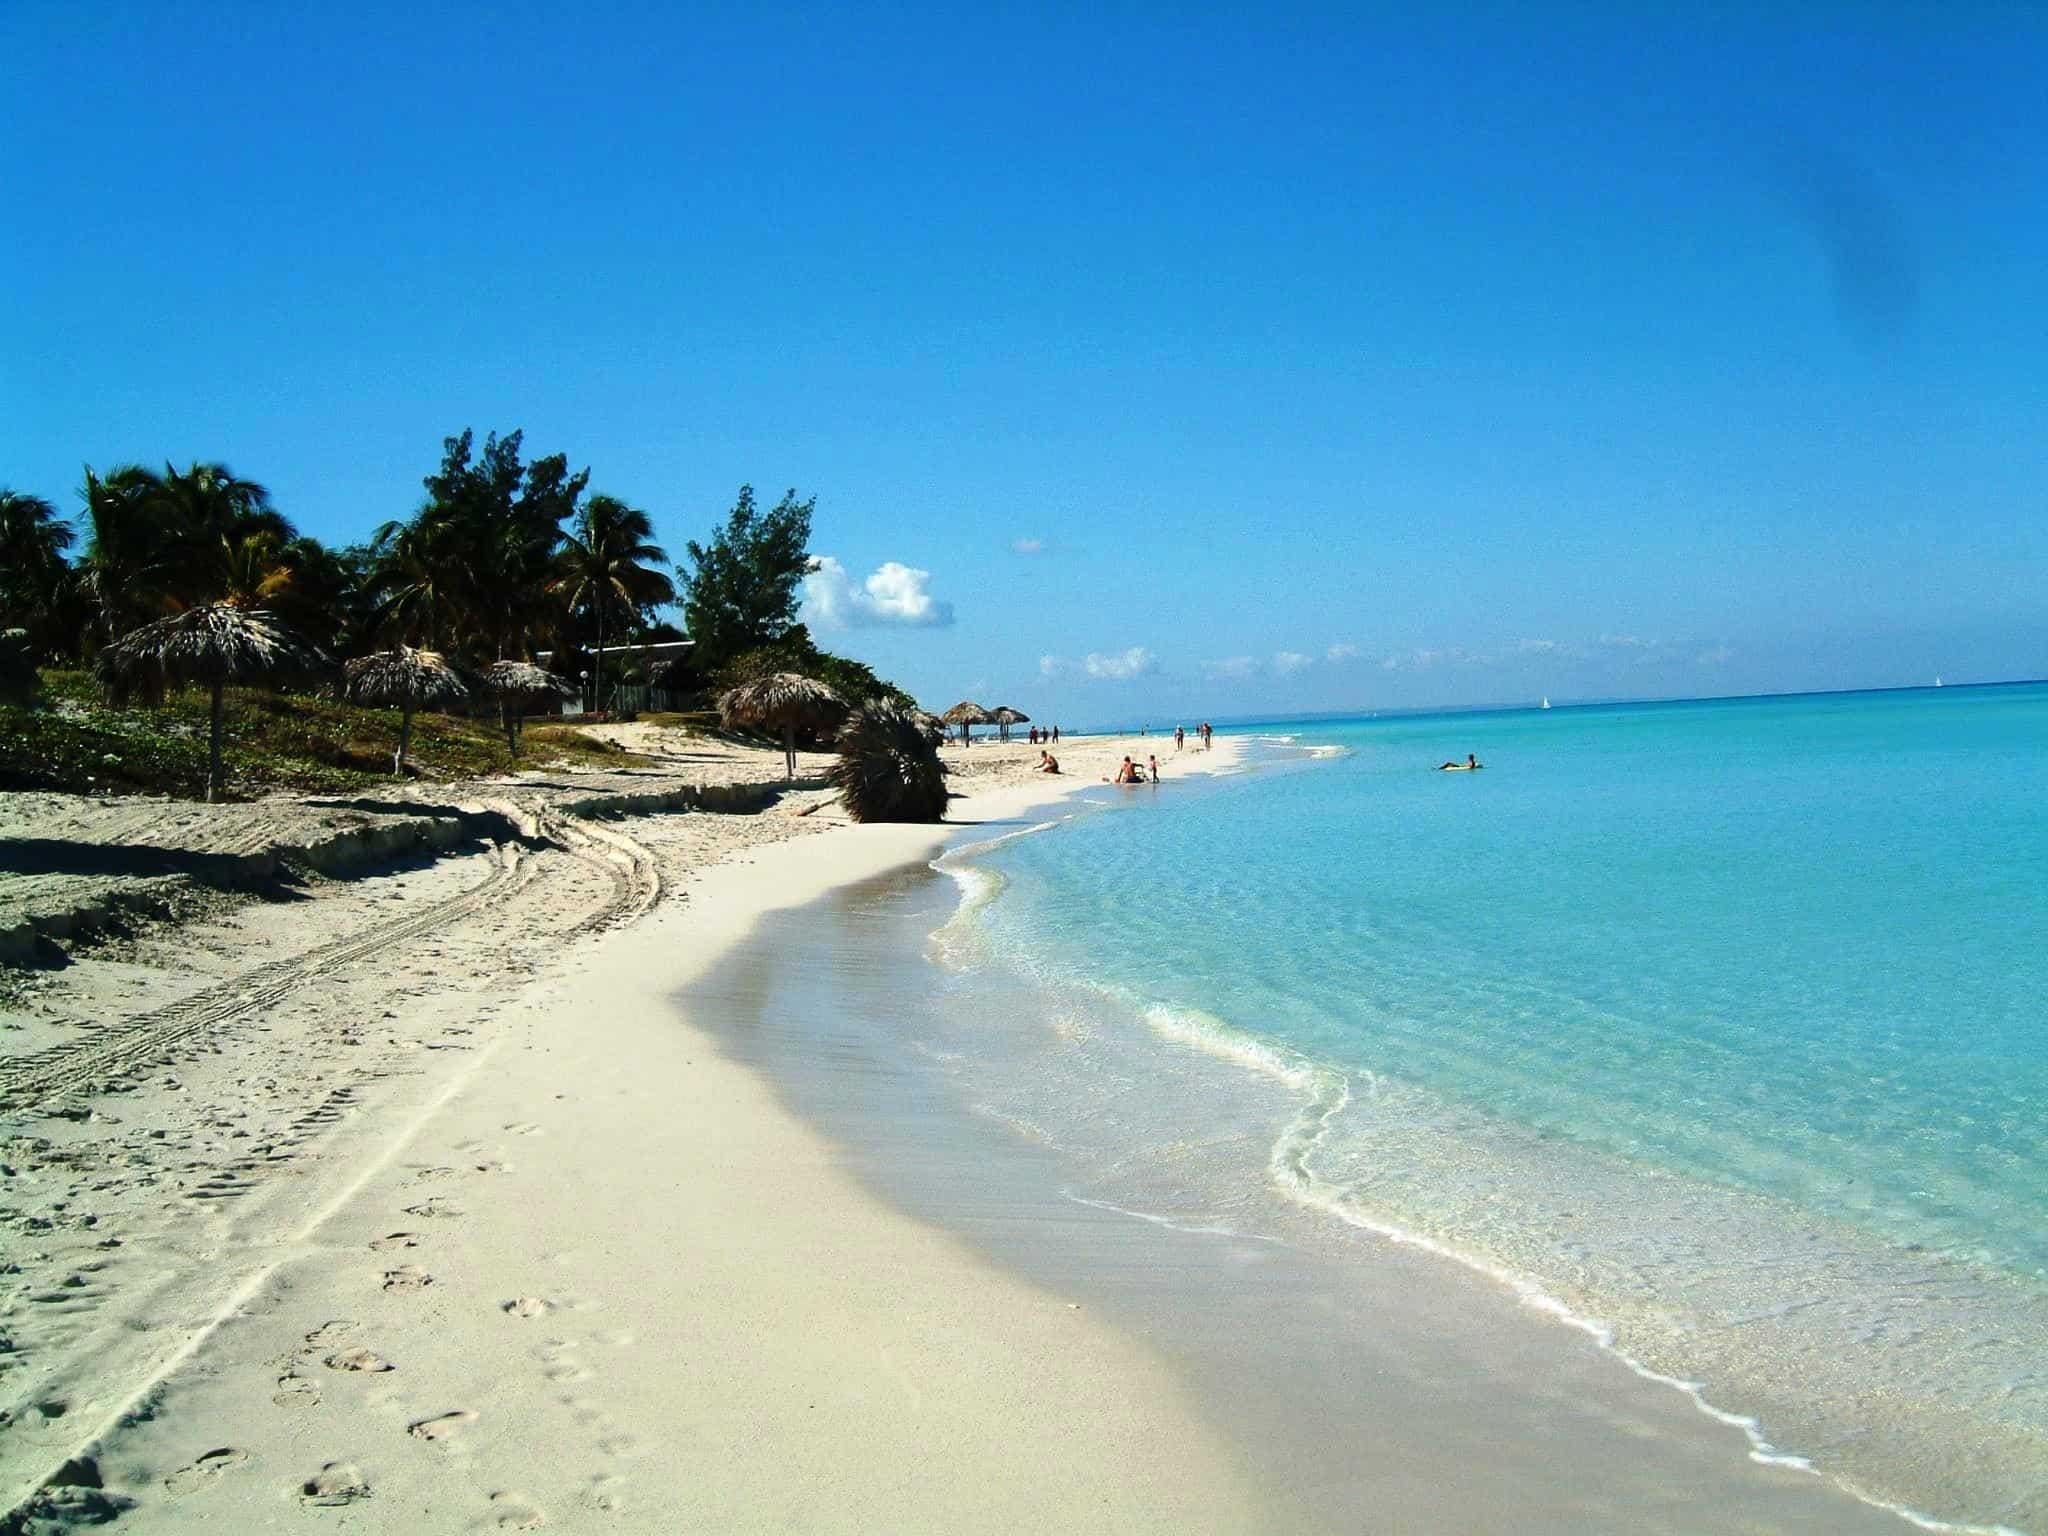 Bildergebnis für playa de el salado cuba